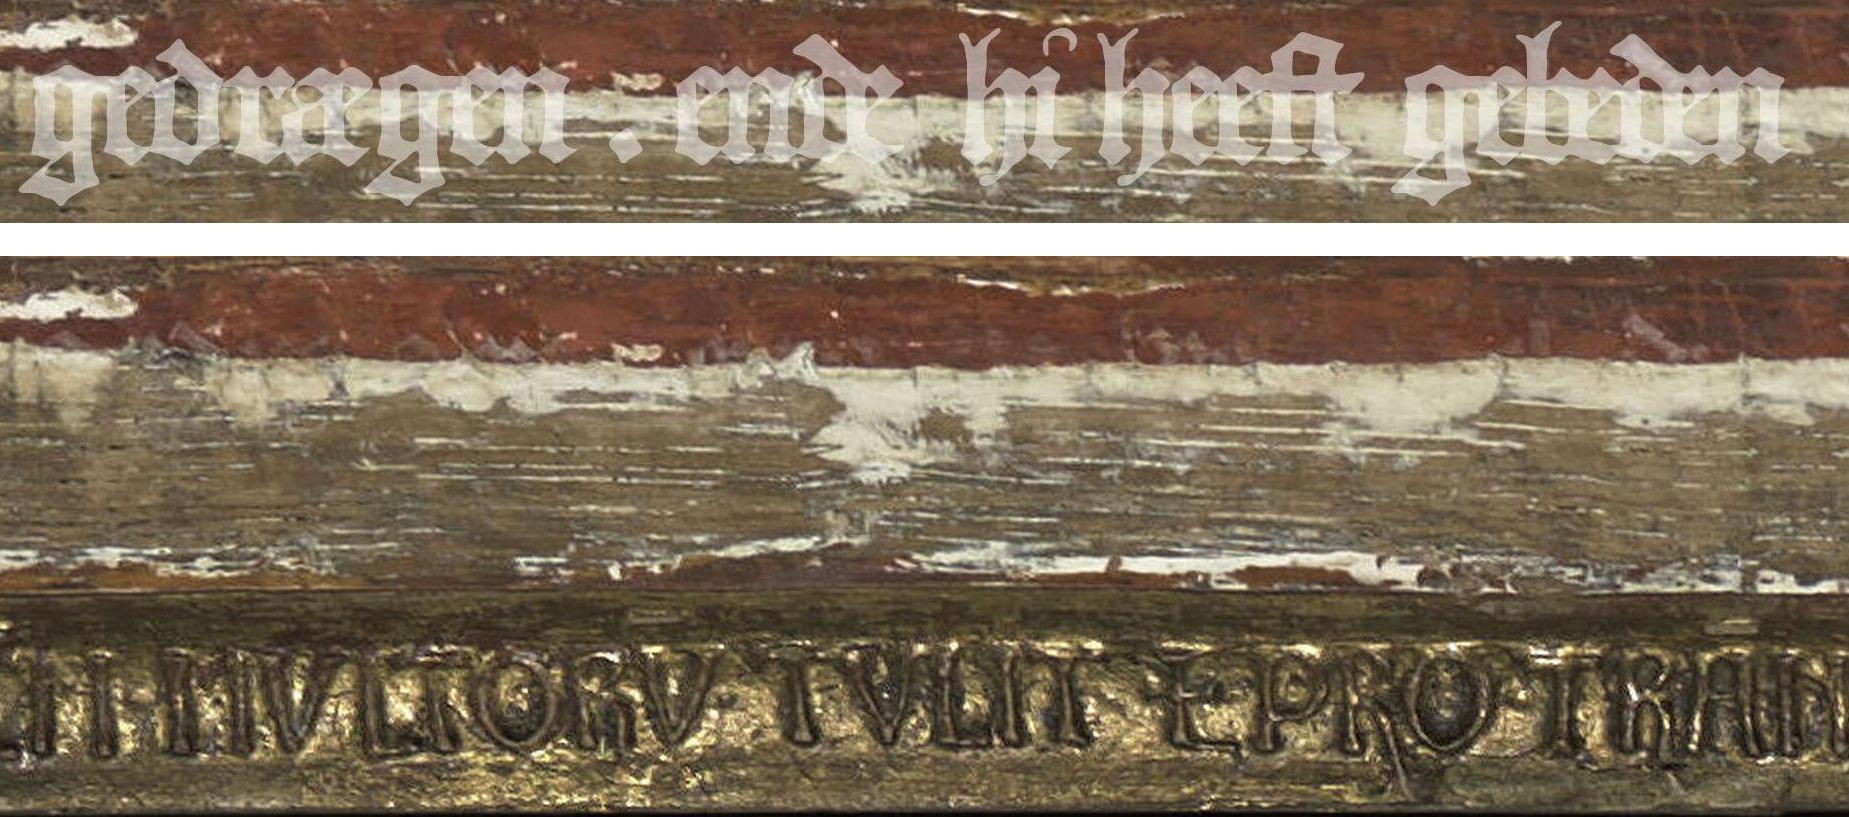 Cadre de la Crucifixion, détail: état après nettoyage (bas), restauration virtuelle (haut)